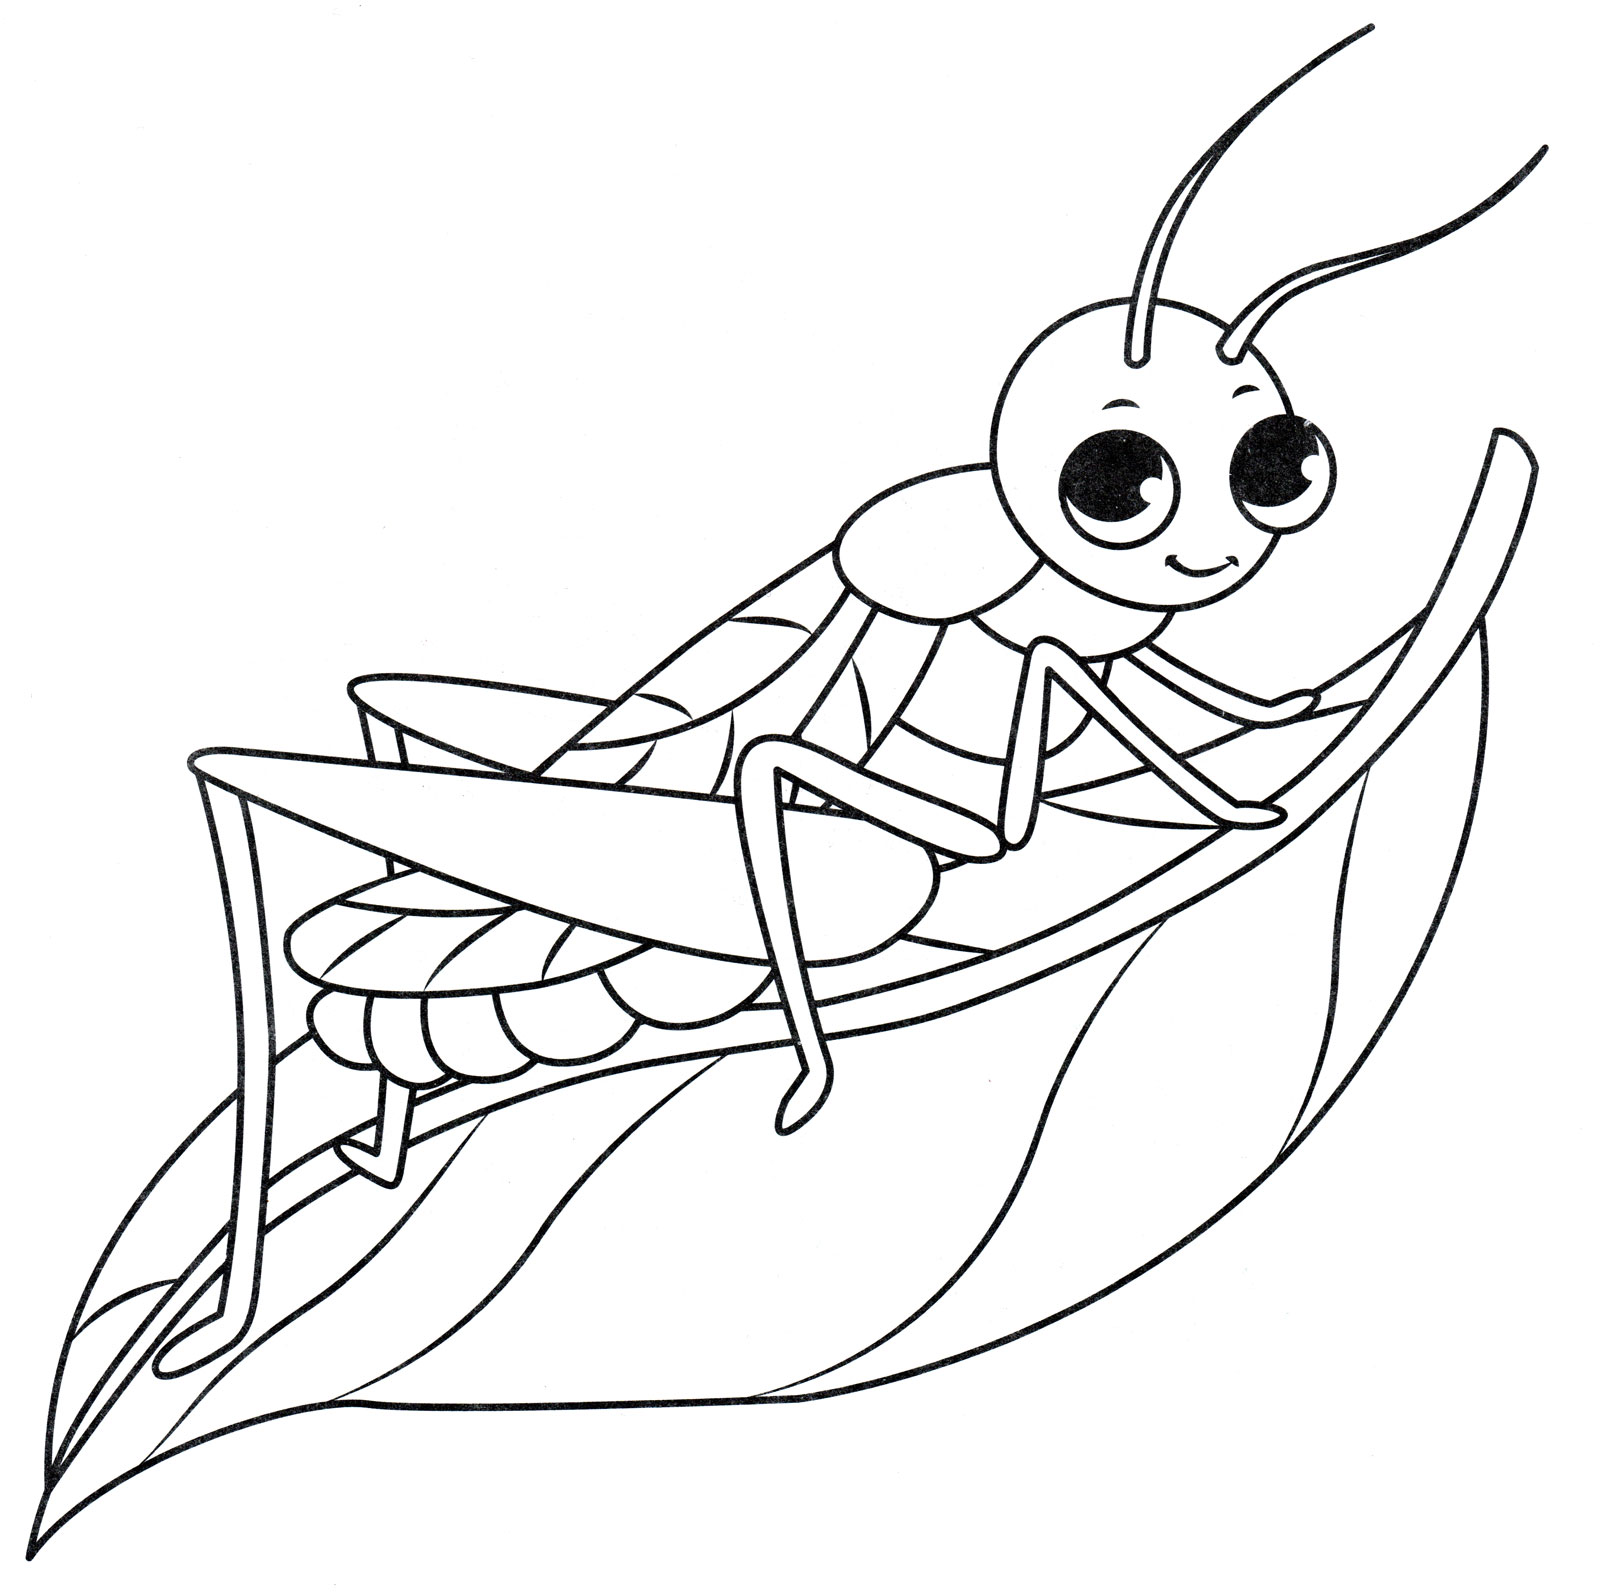 картинки для раскрасок насекомые